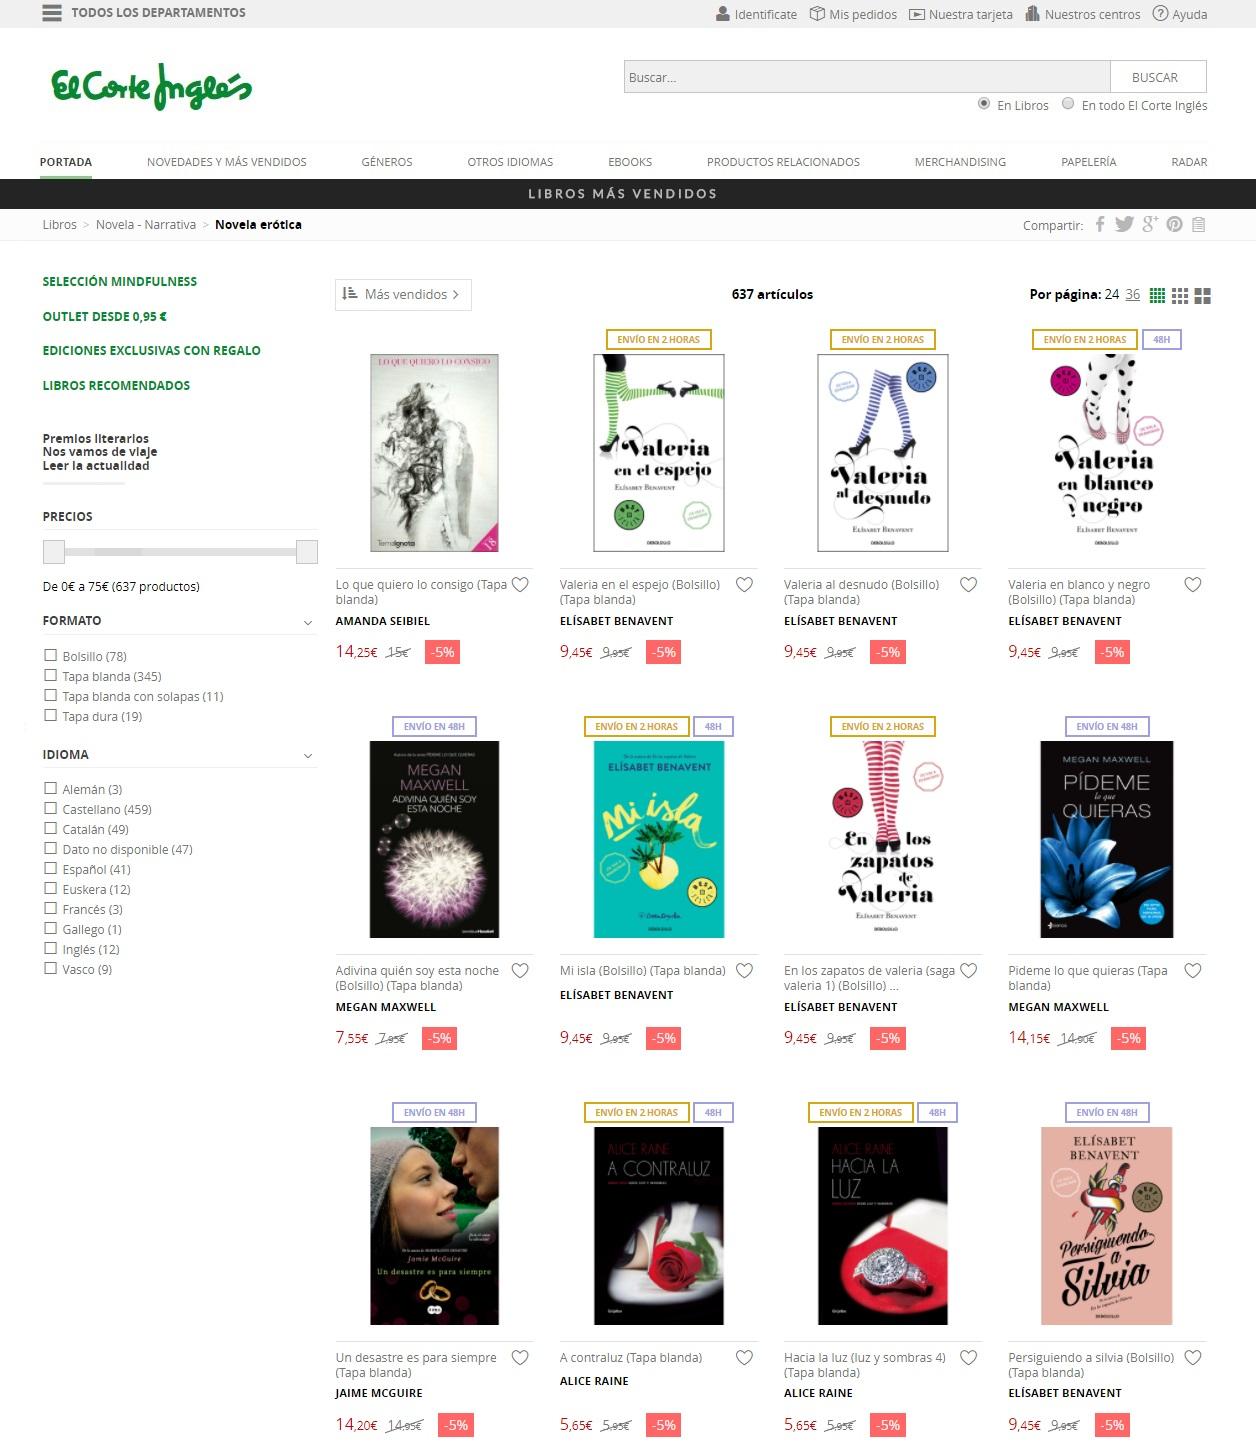 Amanda seibiel ya est entre los 10 libros m s vendidos en for El corte ingles libros